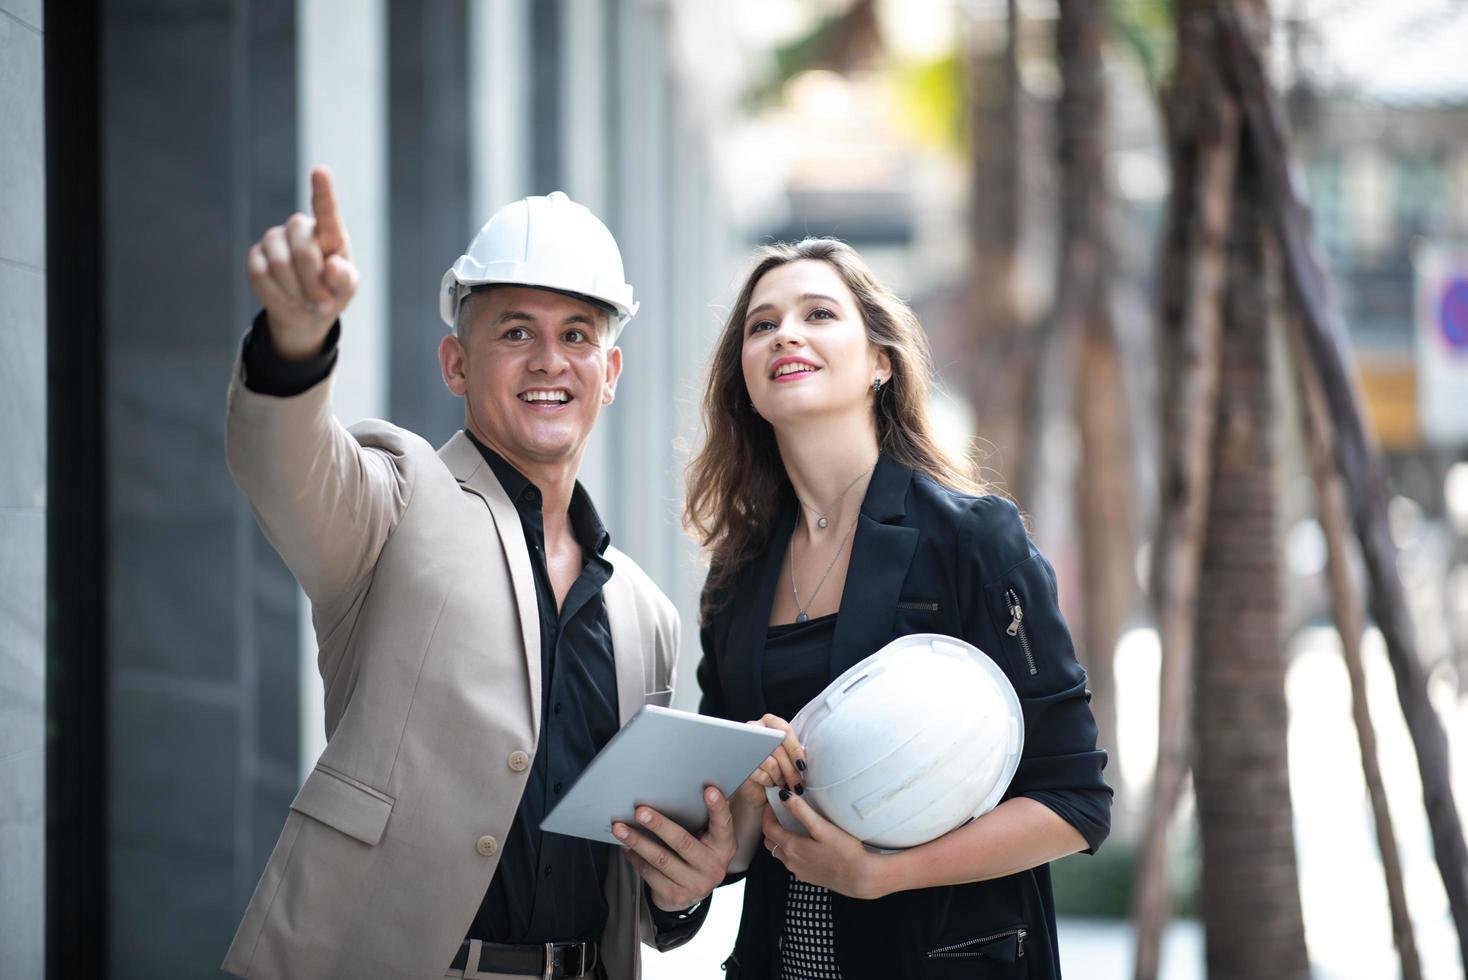 zwei Arbeiter inspizieren eine Baustelle foto